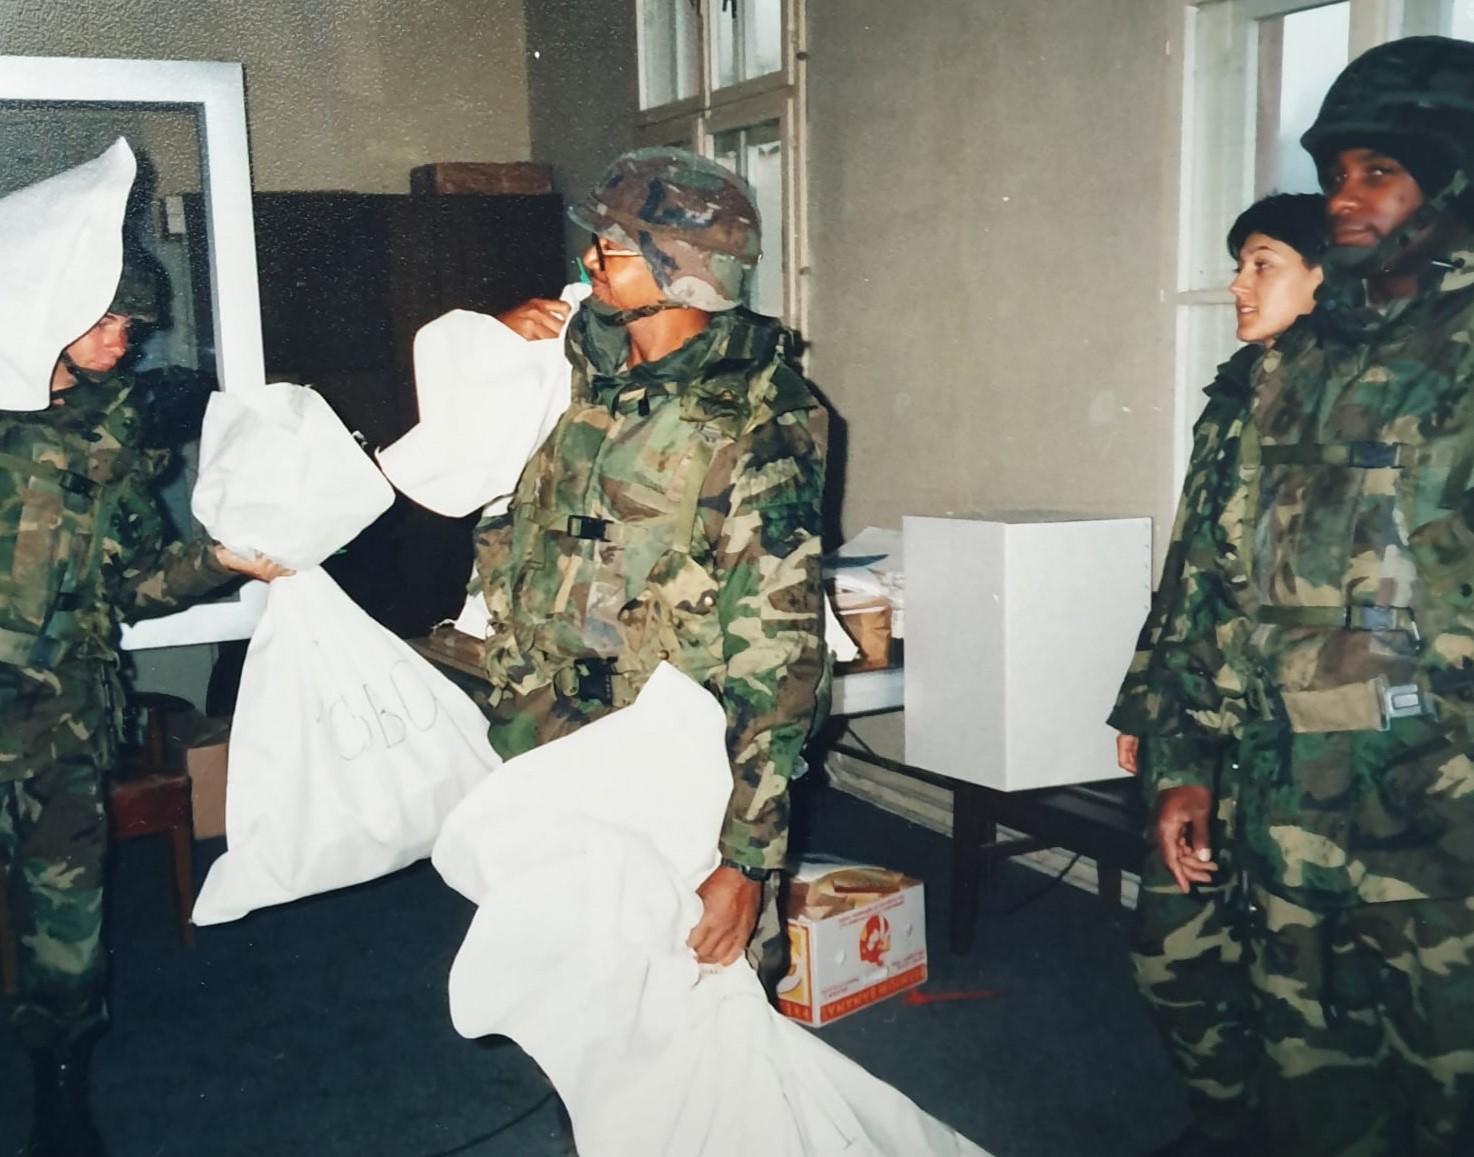 Nuotraukose – pirmieji po karo savivaldos rinkimai 1997-aisiais Bosnijoje, kurių prižiūrėtoju ESBO misijoje buvau ir aš, o balsavimo biuleteniams gabenti prisireikė NATO apsaugos.